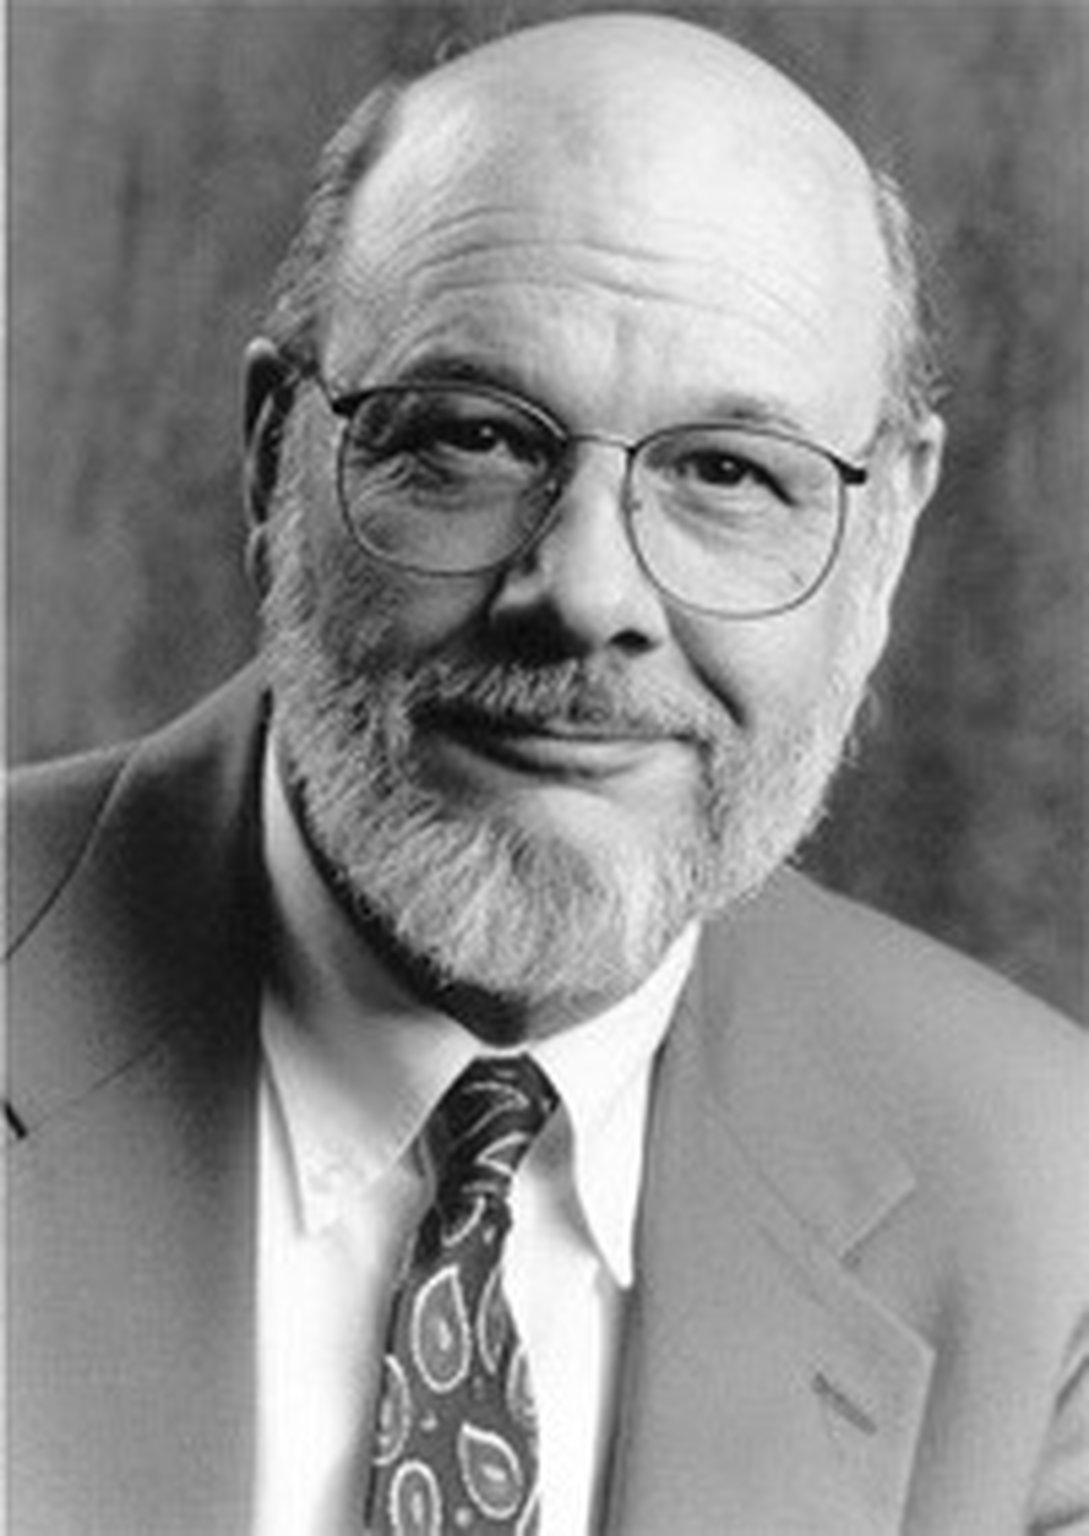 James W.Flower (1940 - 2015)